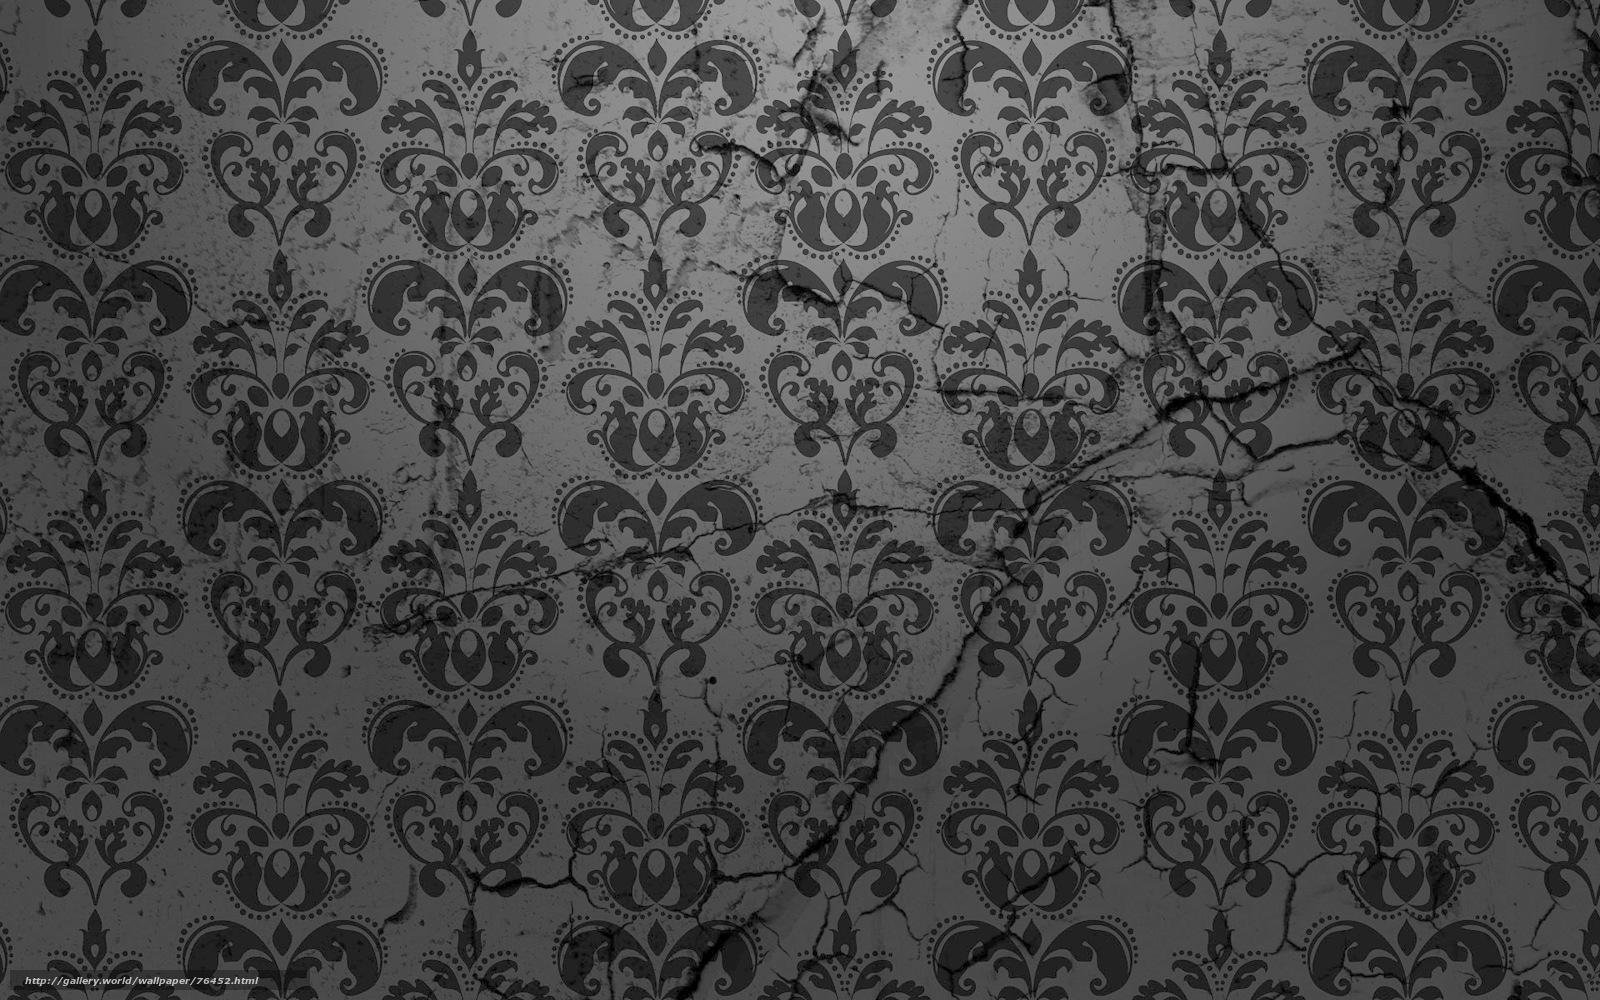 Tapete schwarz hintergrund muster tapete textur 76452 for Tapete schwarz muster